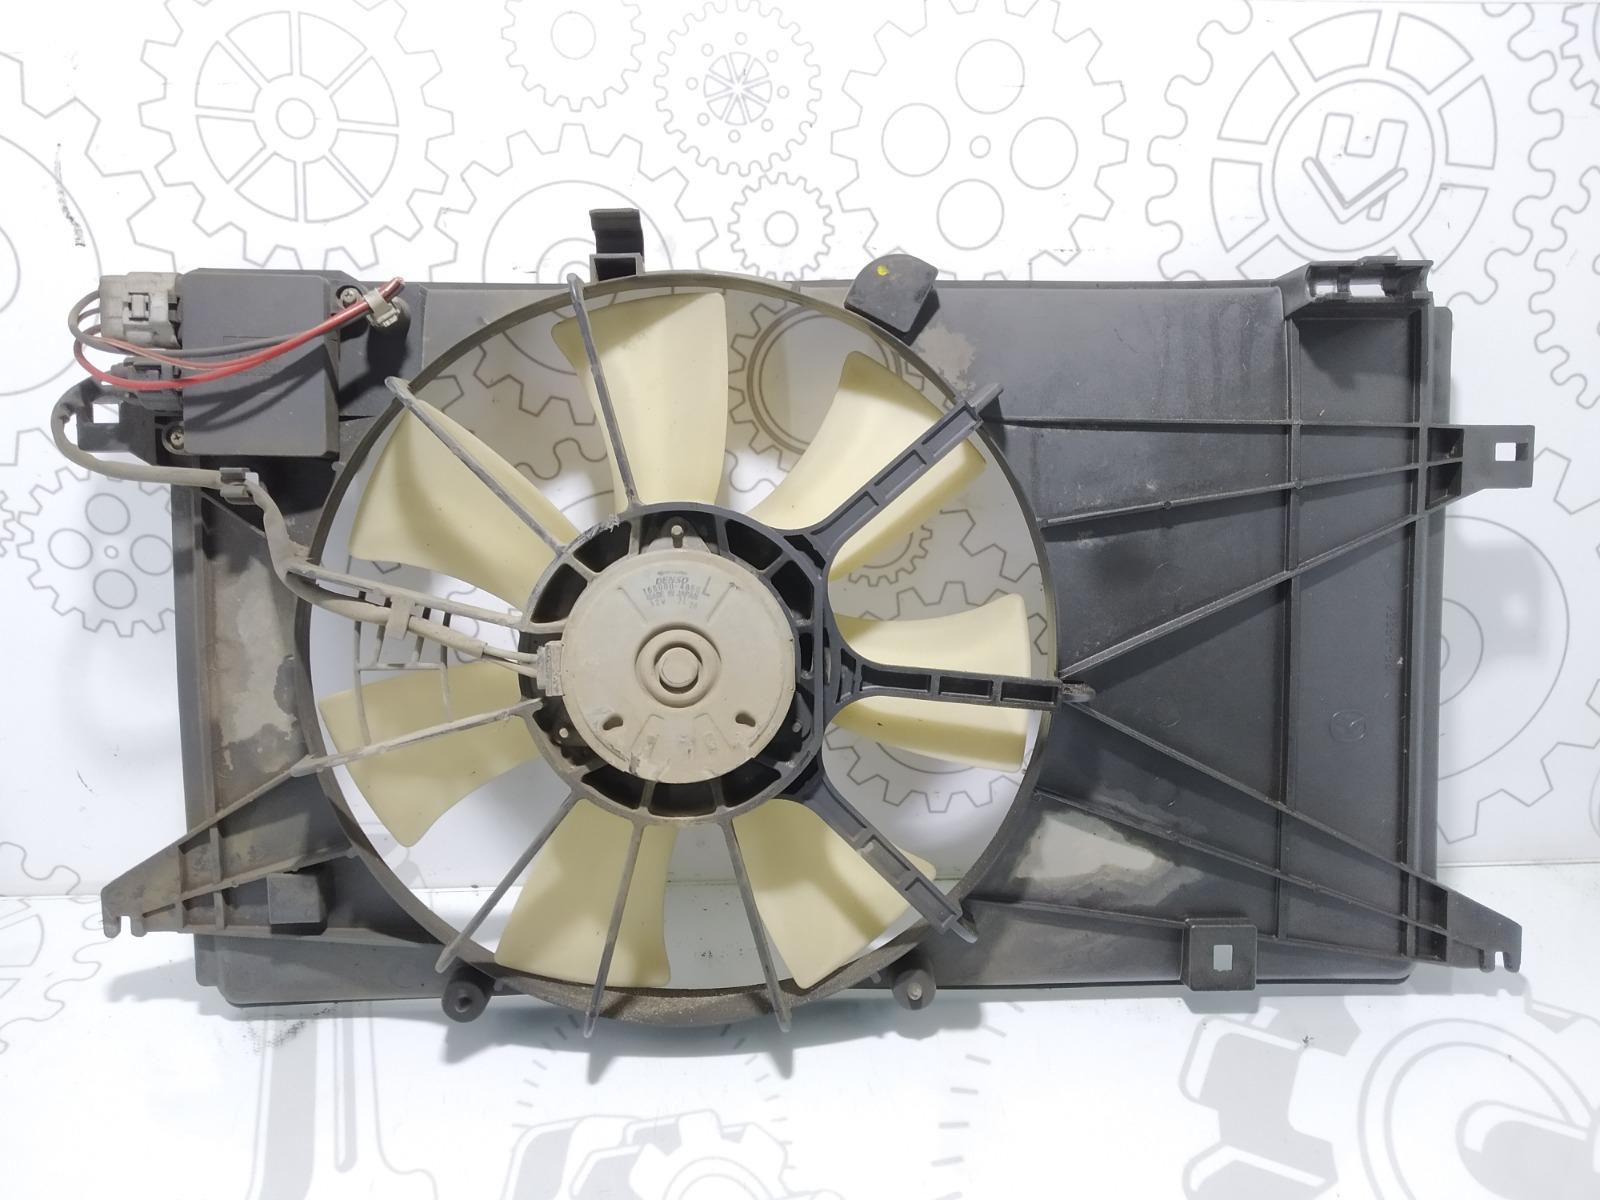 Вентилятор радиатора Mazda 5 2.0 I 2010 (б/у)